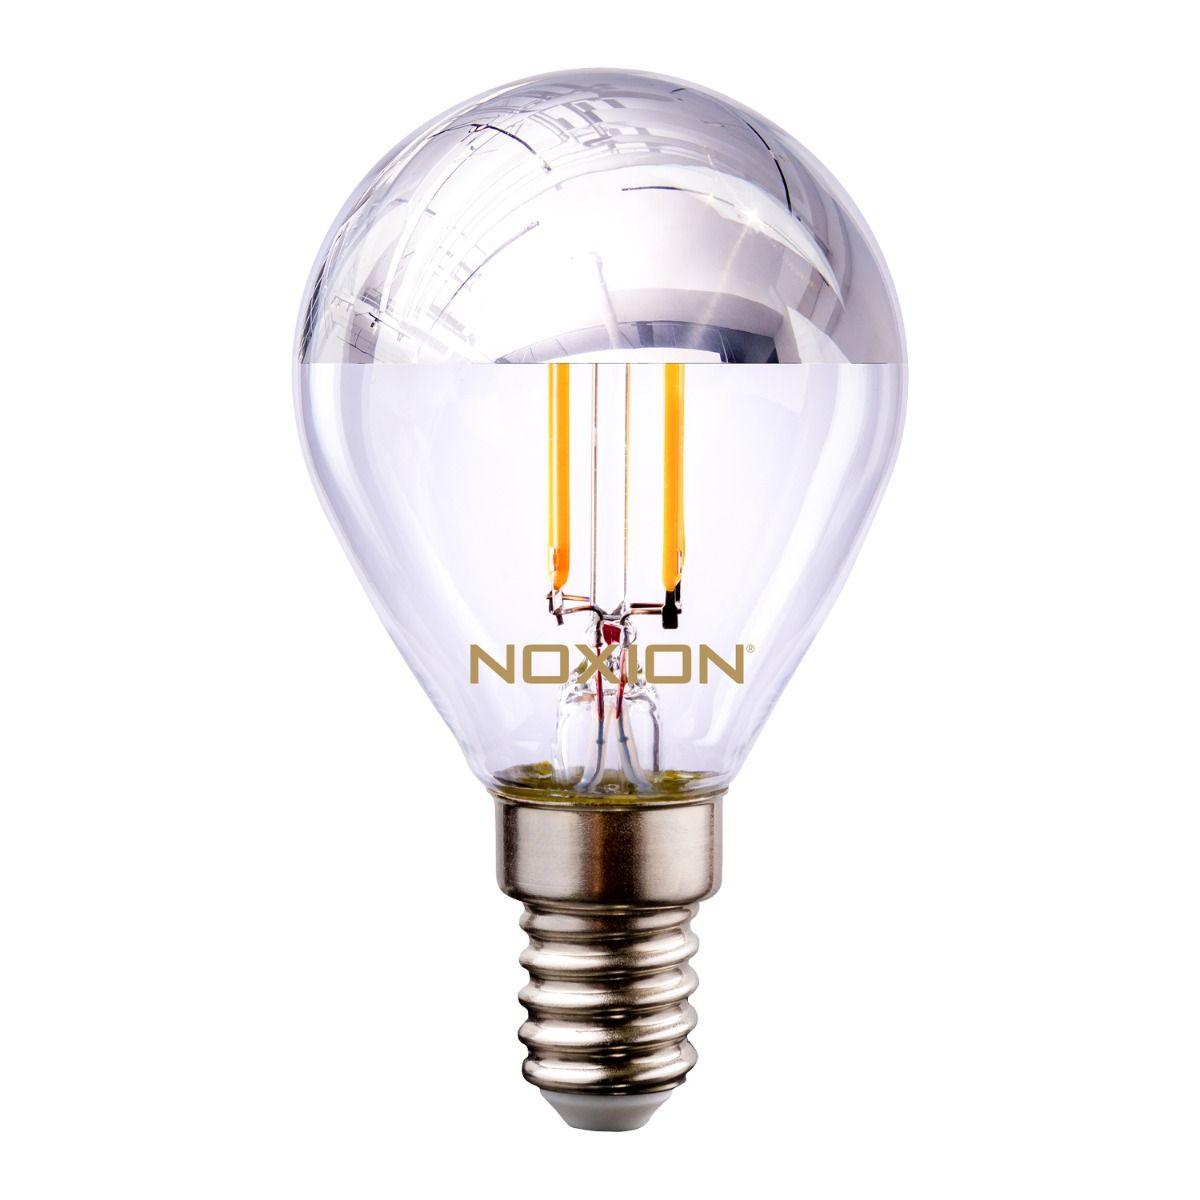 Noxion Lucent Gloeilamp LED Lustre Zilver Kopspiegel P45 E14 220-240V 4.5W 400LM CRI80 2700K ND (40W eqv)